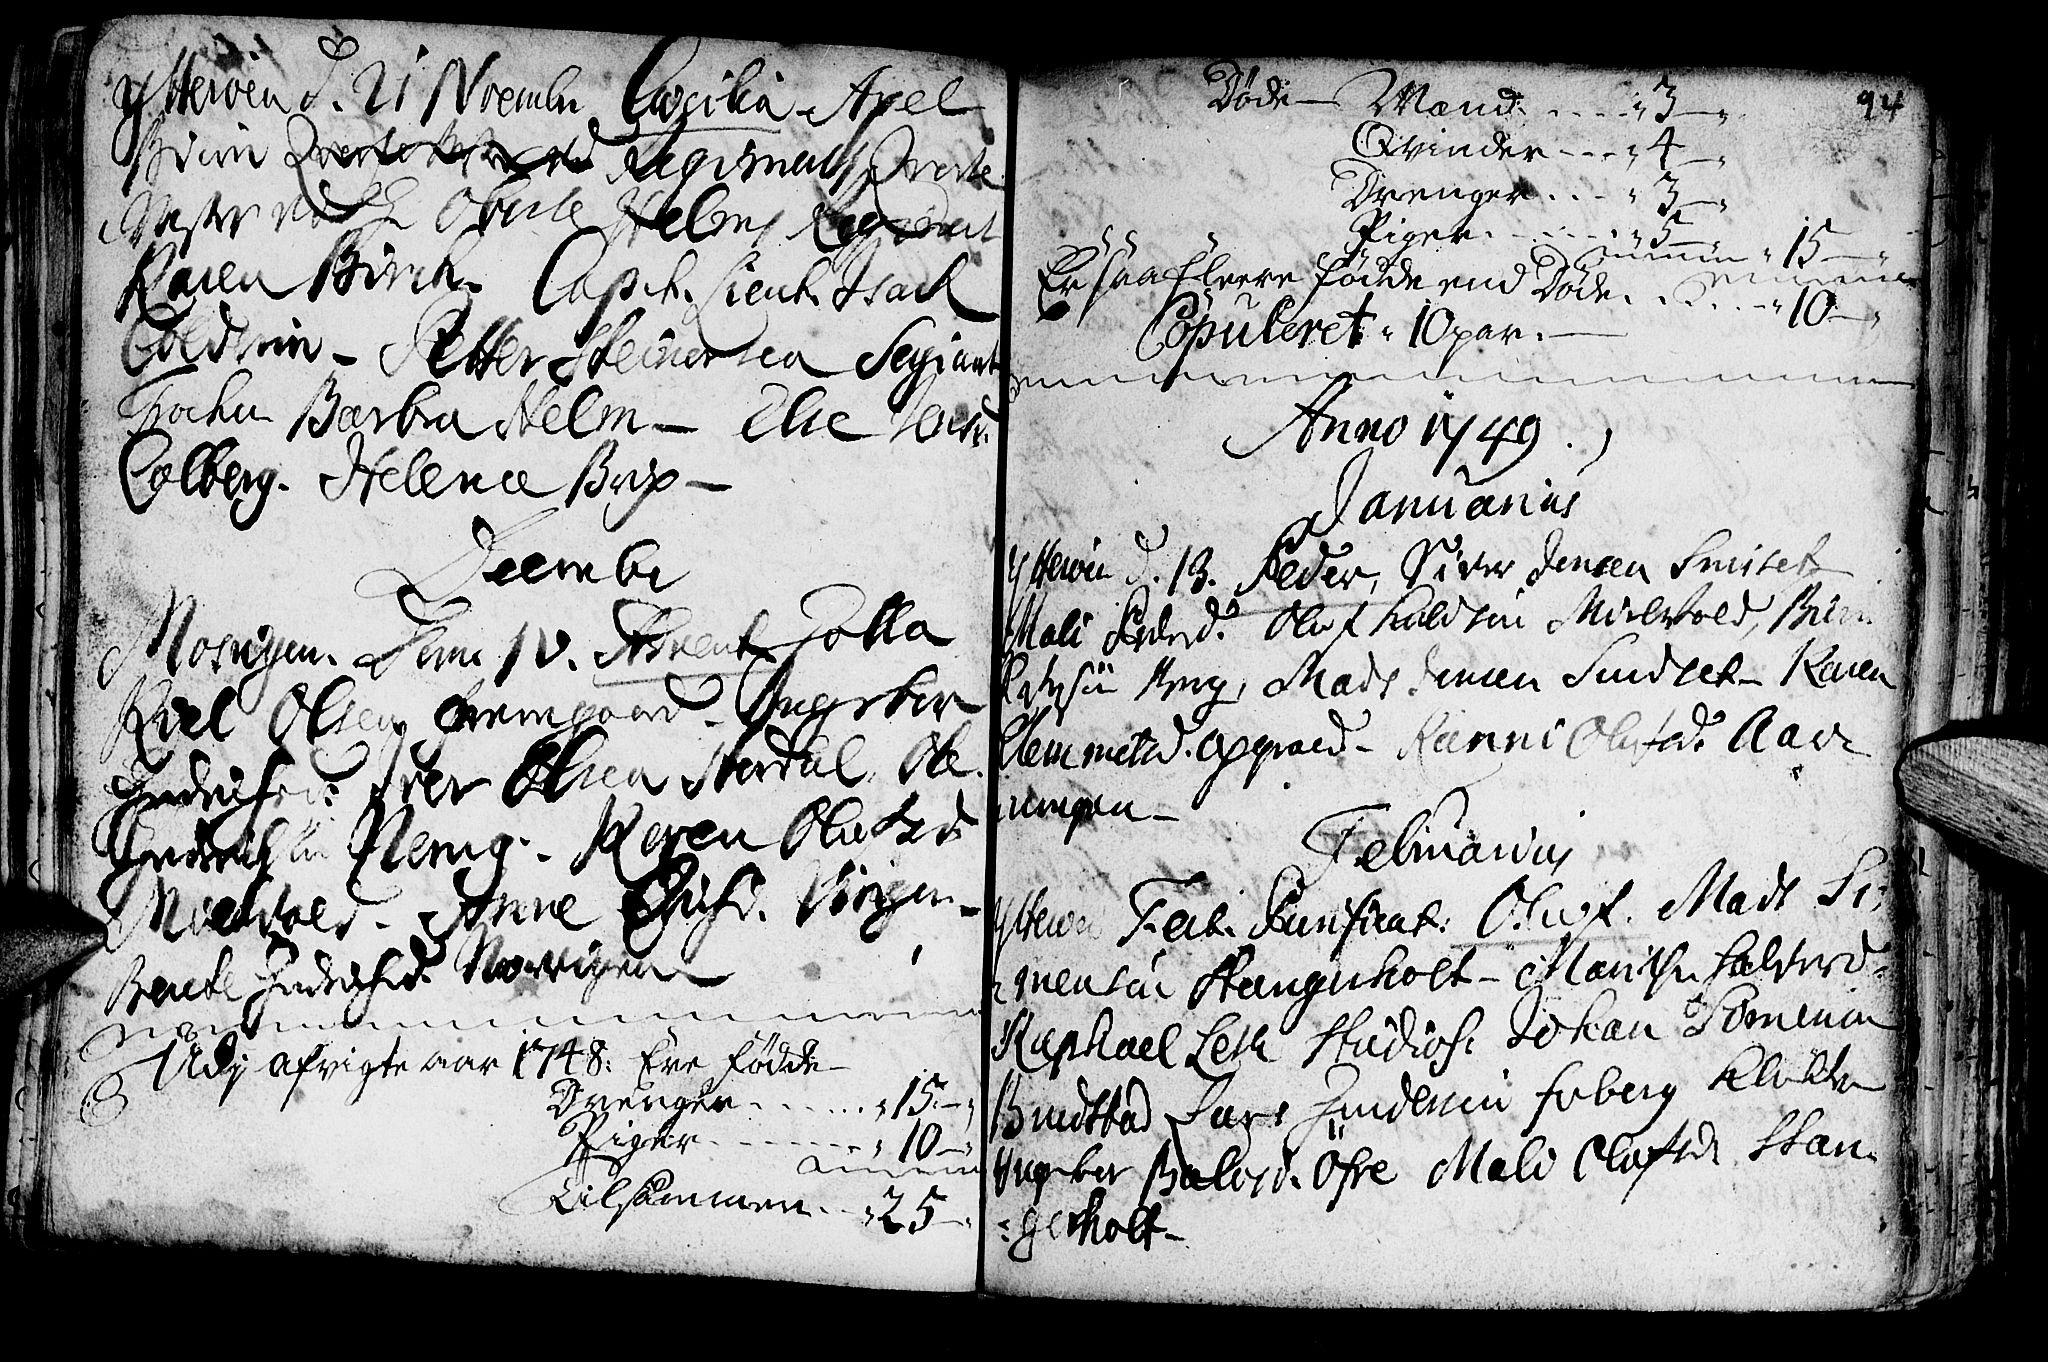 SAT, Ministerialprotokoller, klokkerbøker og fødselsregistre - Nord-Trøndelag, 722/L0215: Ministerialbok nr. 722A02, 1718-1755, s. 94